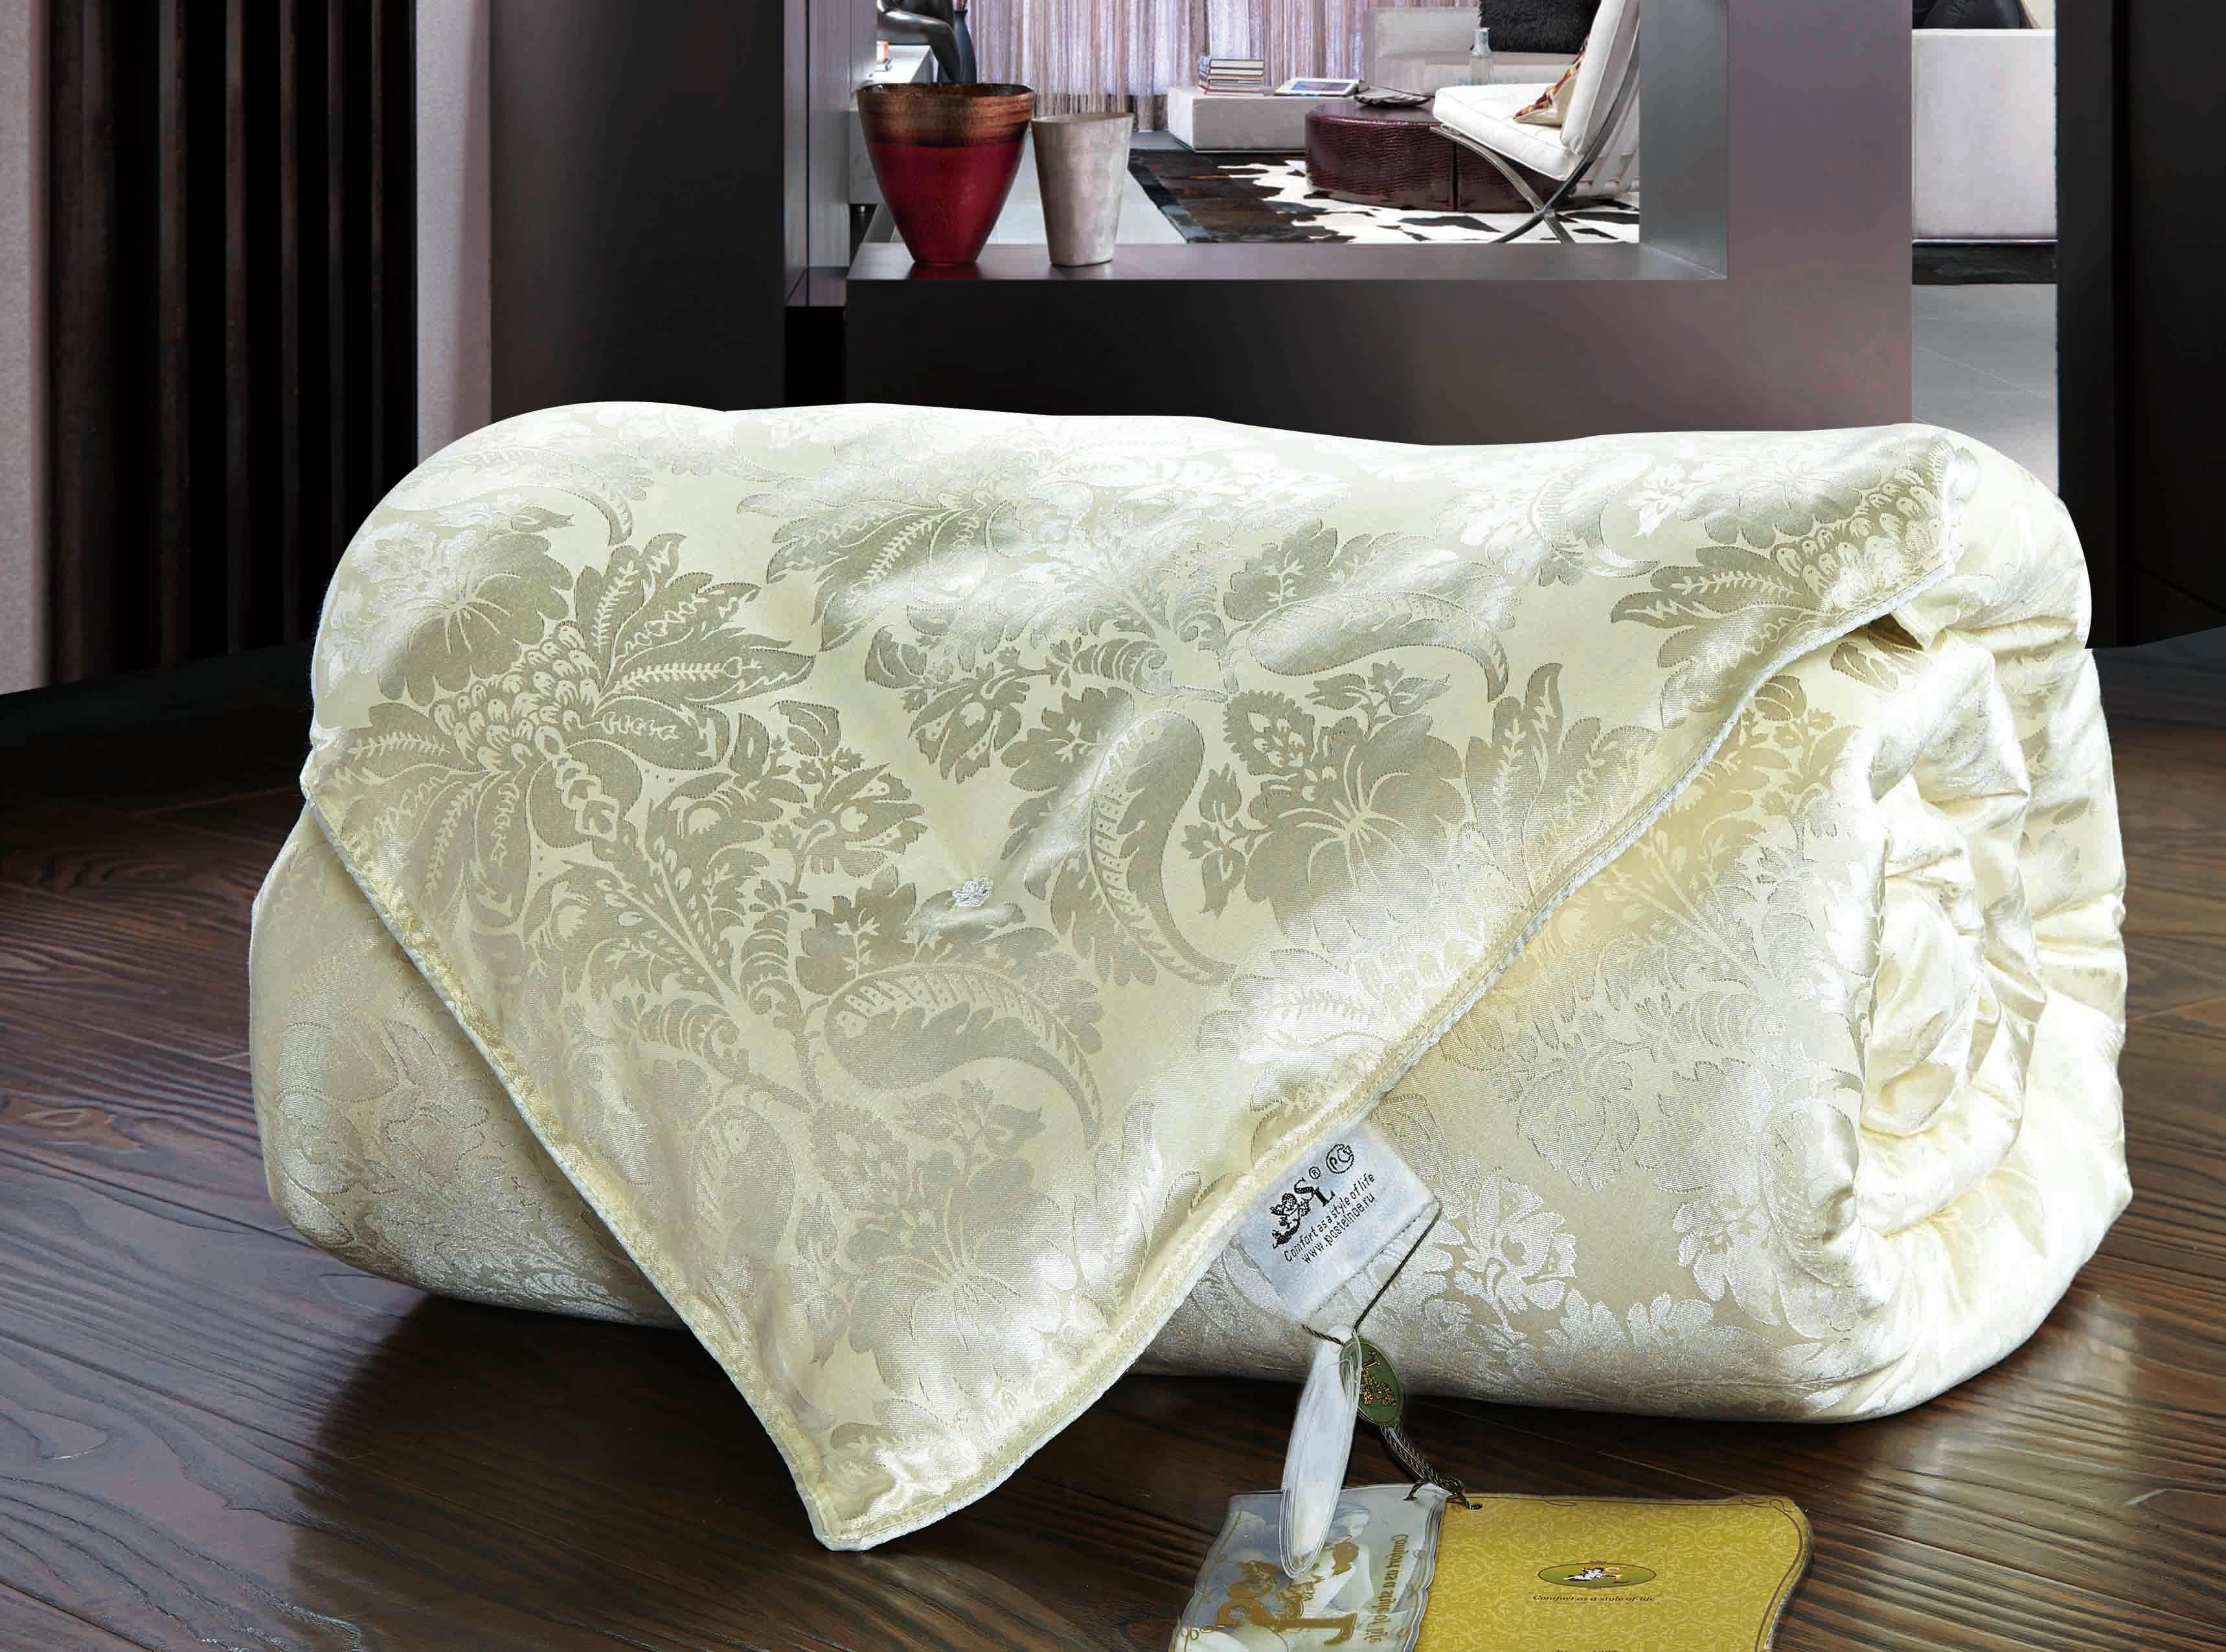 Одеяла SL Одеяло Шелк Всесезонное Цвет: Бежевый (172х205 см) павлово посадский шелк